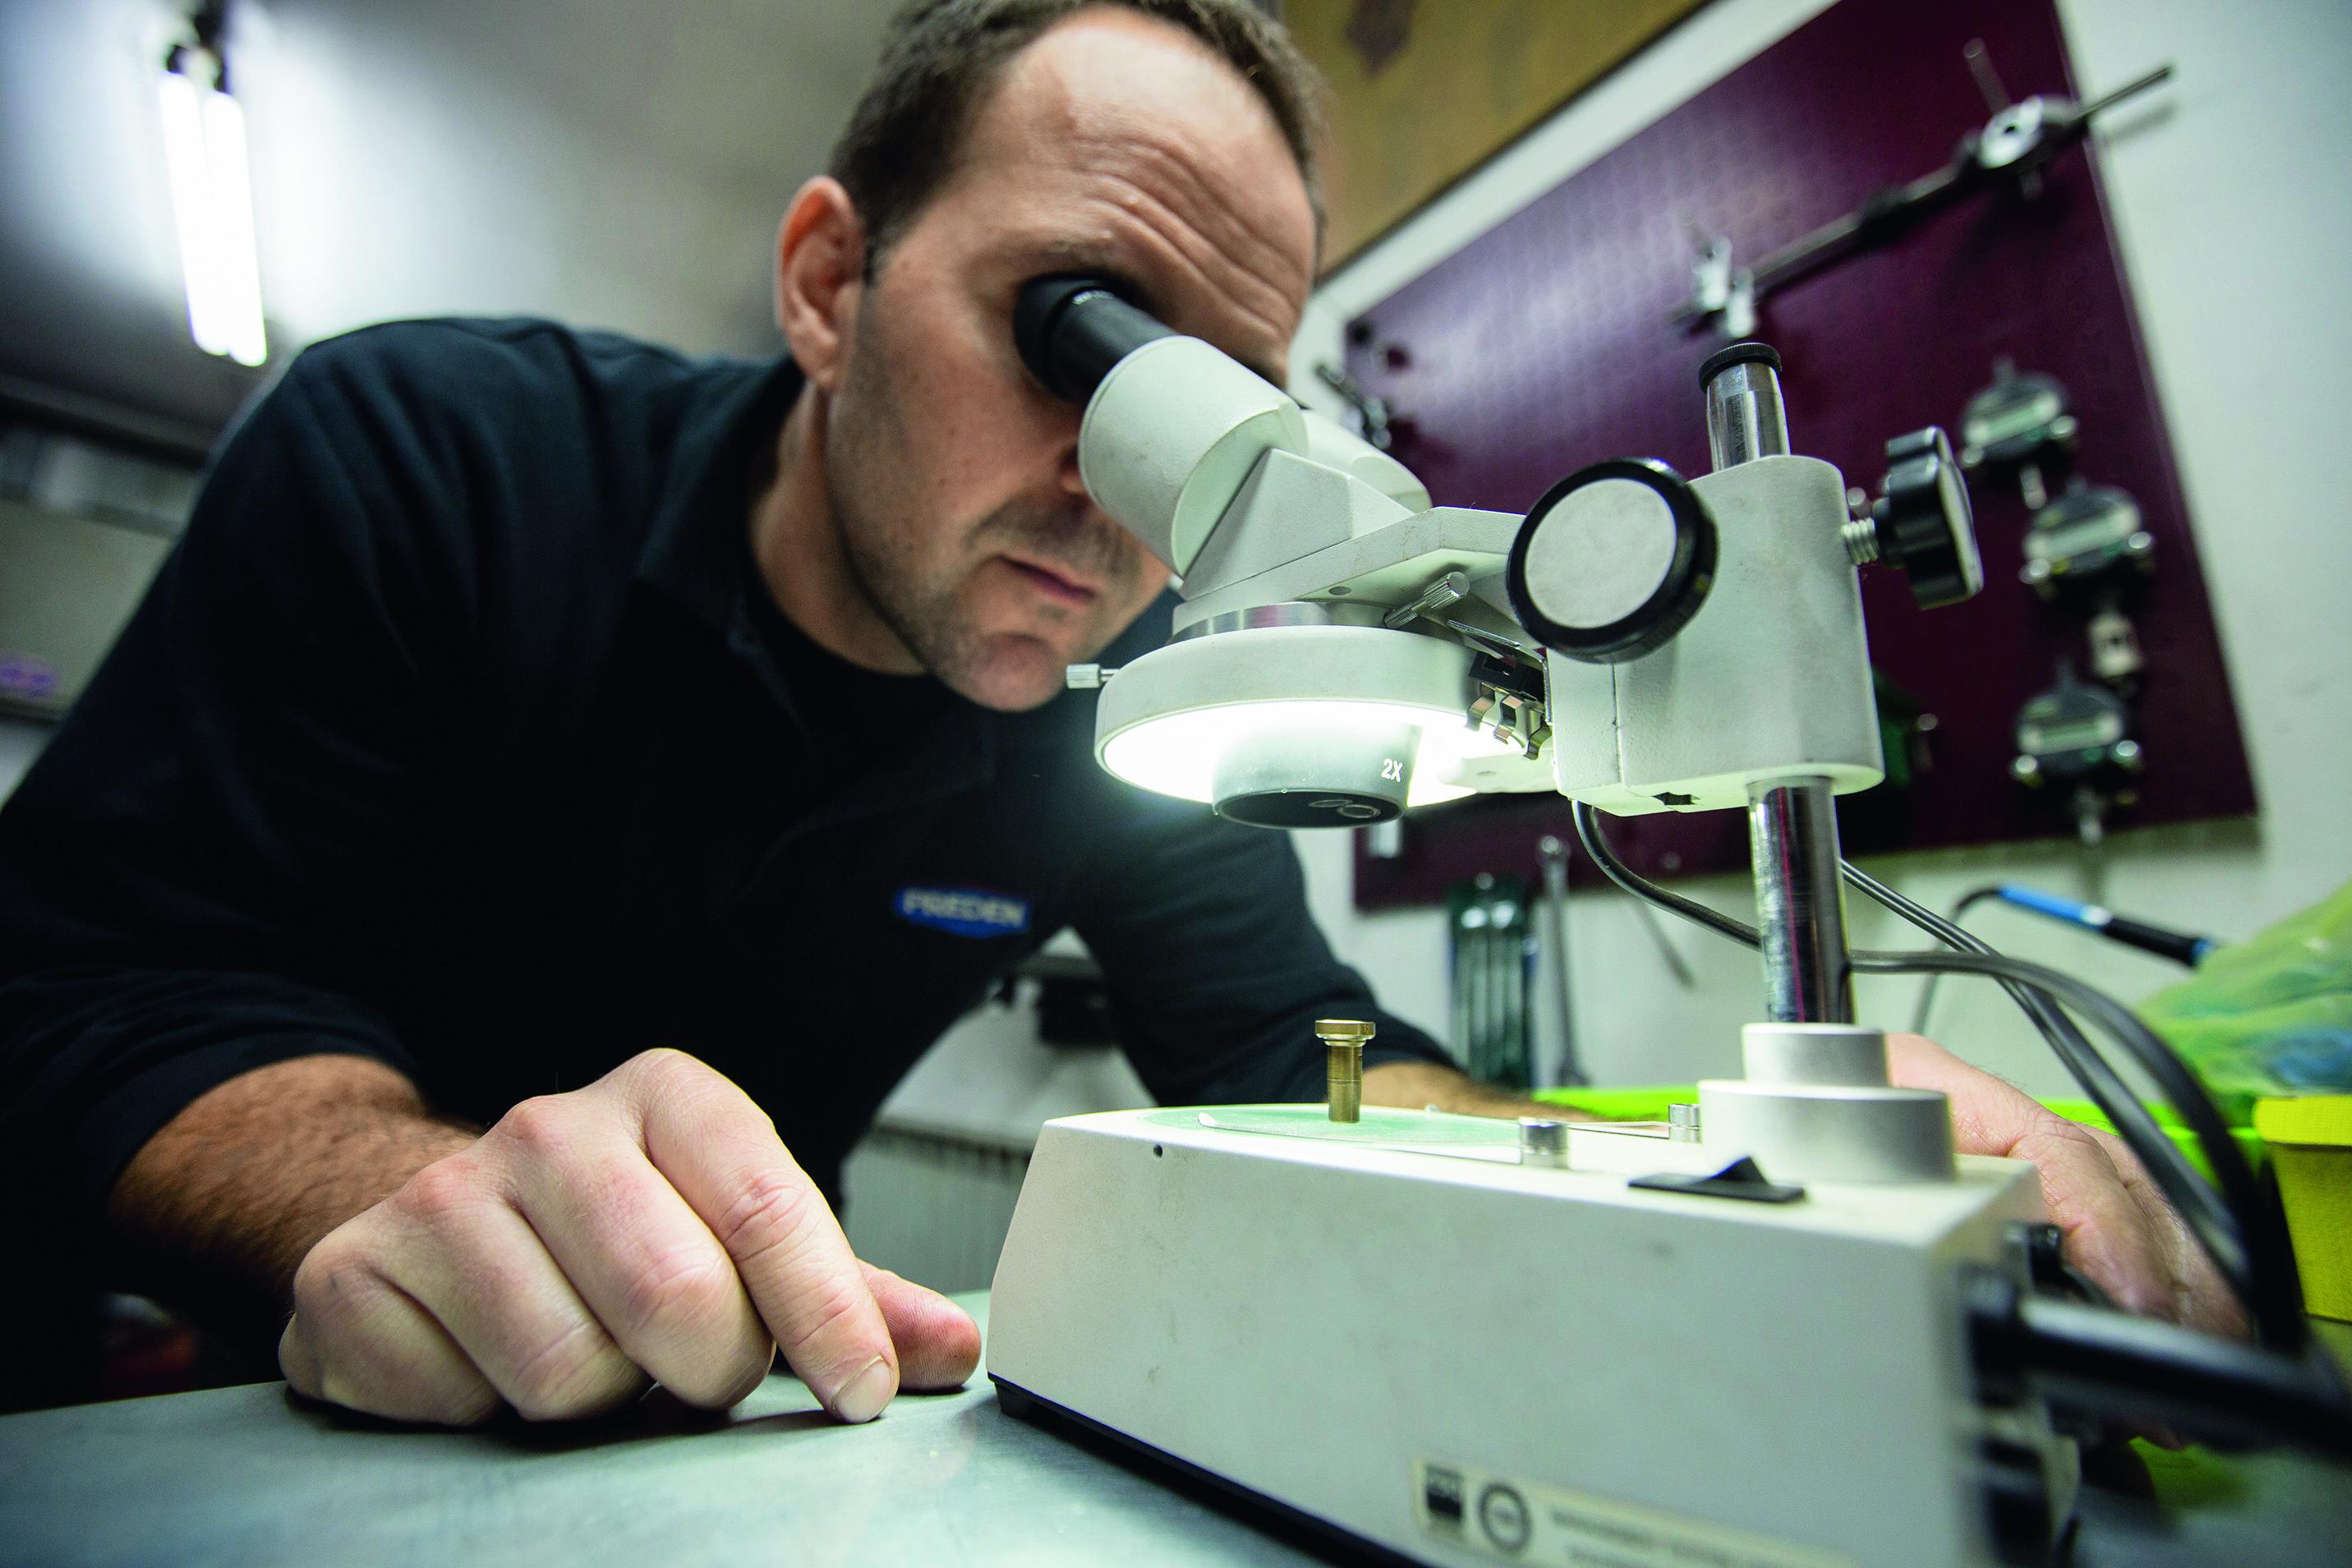 Zbog superfine preciznosti pregled dijelova injektora u radionici se gotovo u pravilu obavlja pod mikroskopom